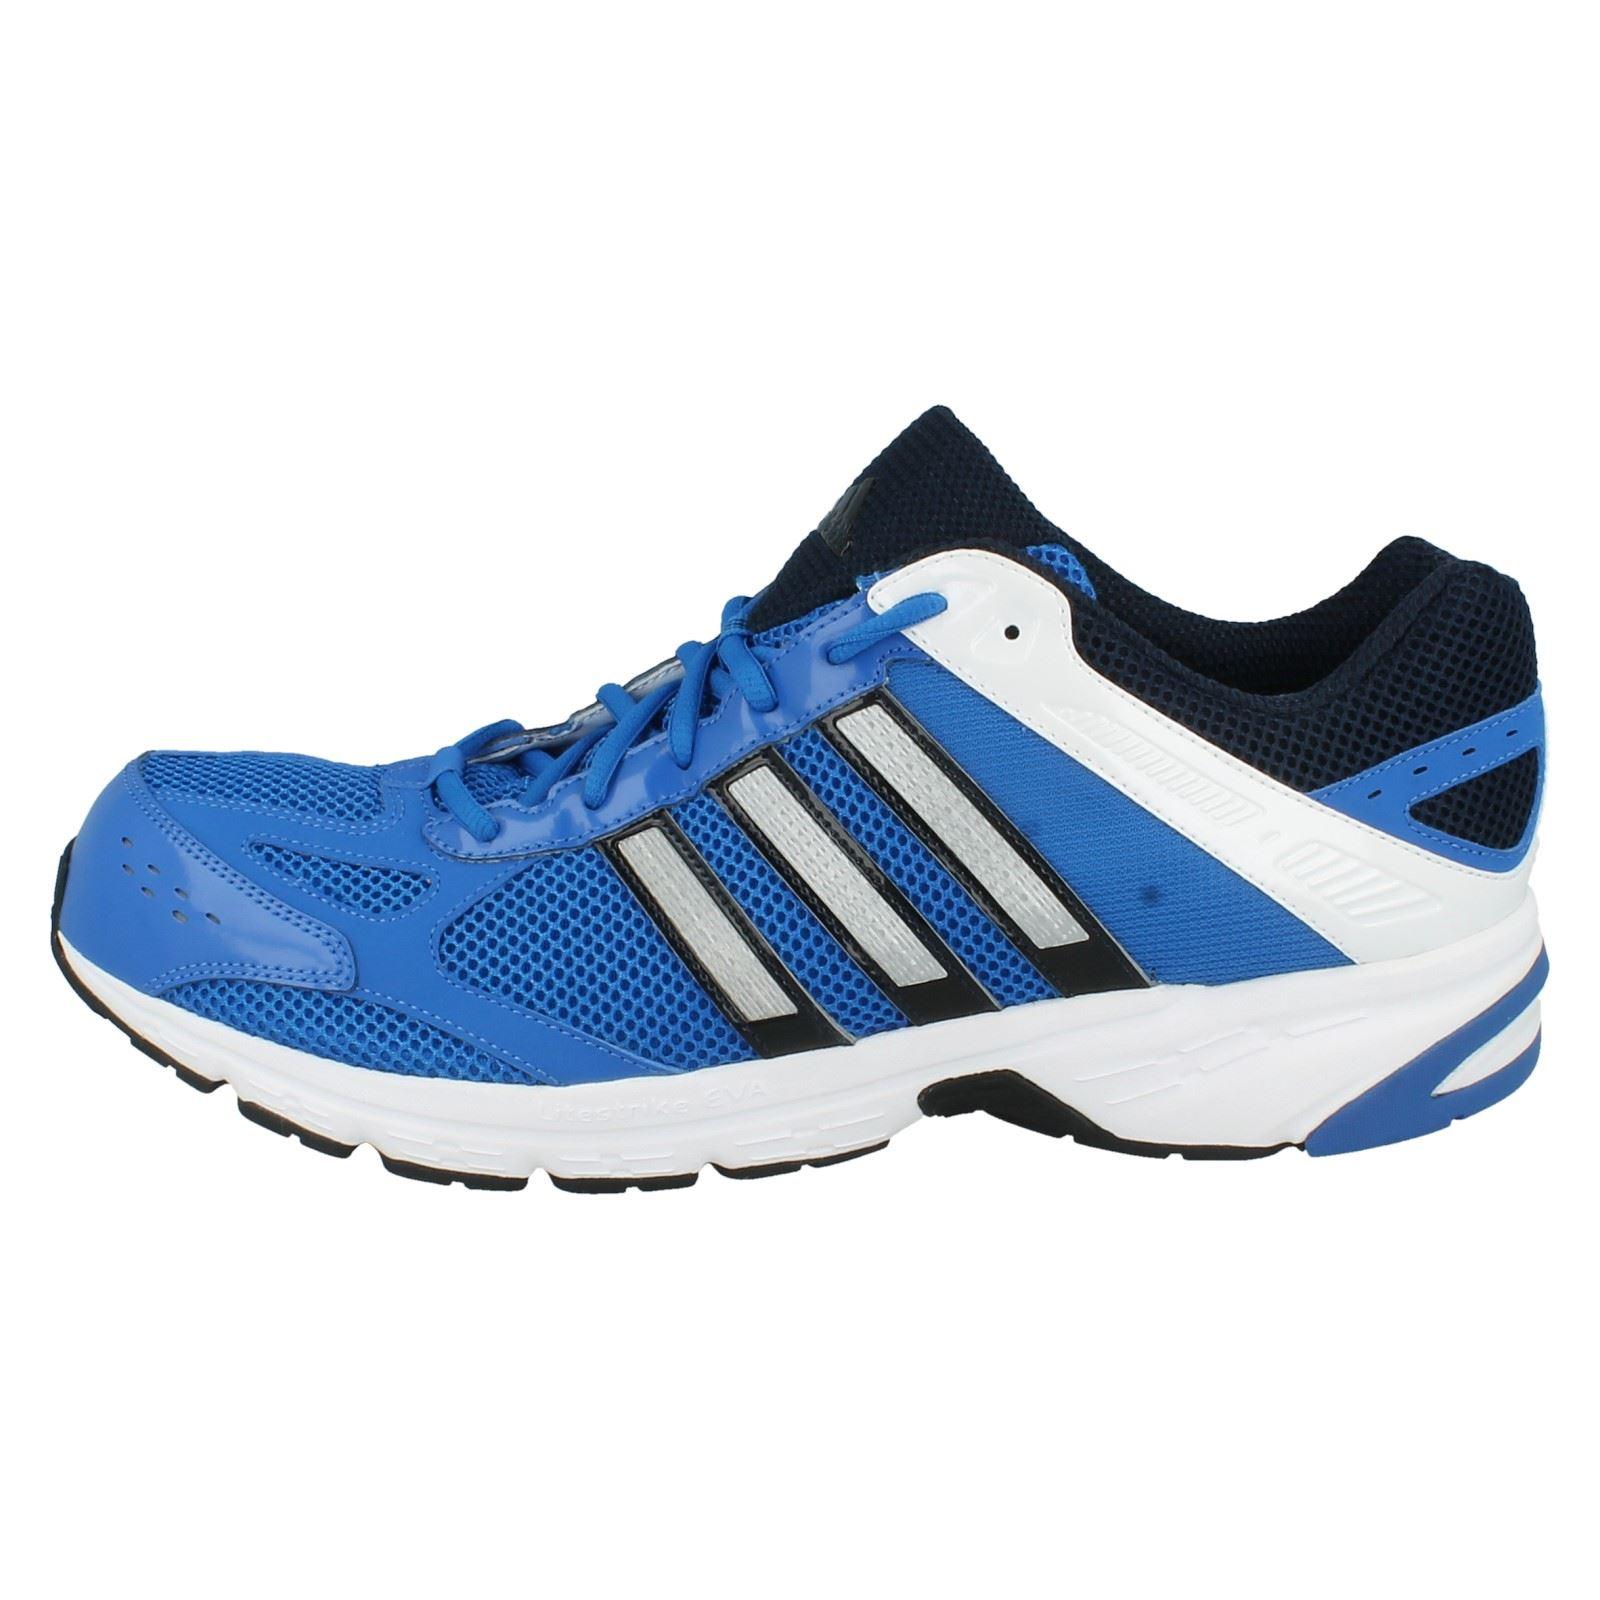 Billig hohe Adidas Qualität Mens Adidas hohe Trainers Duramo 4M d1f6e1